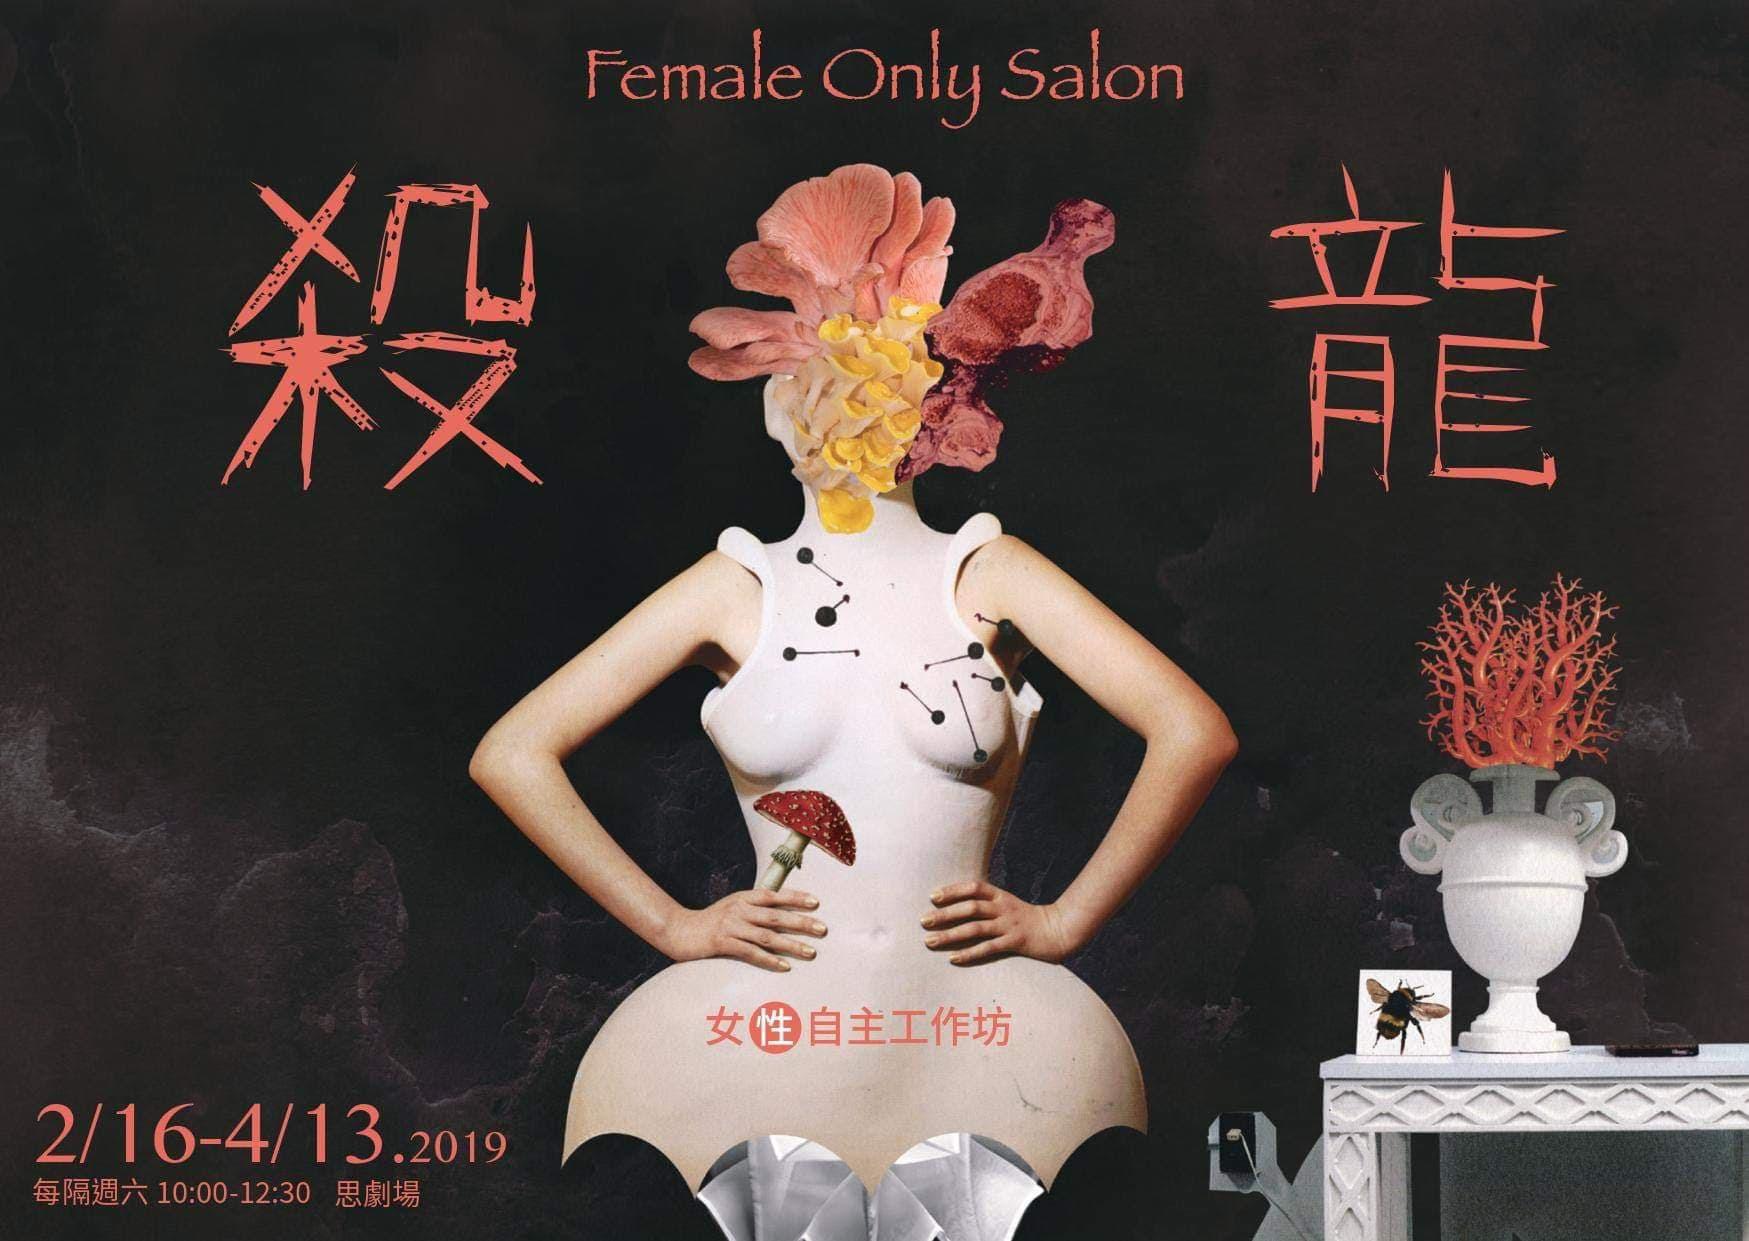 殺龍 Female Only Salon-性自主工作坊2.jpg